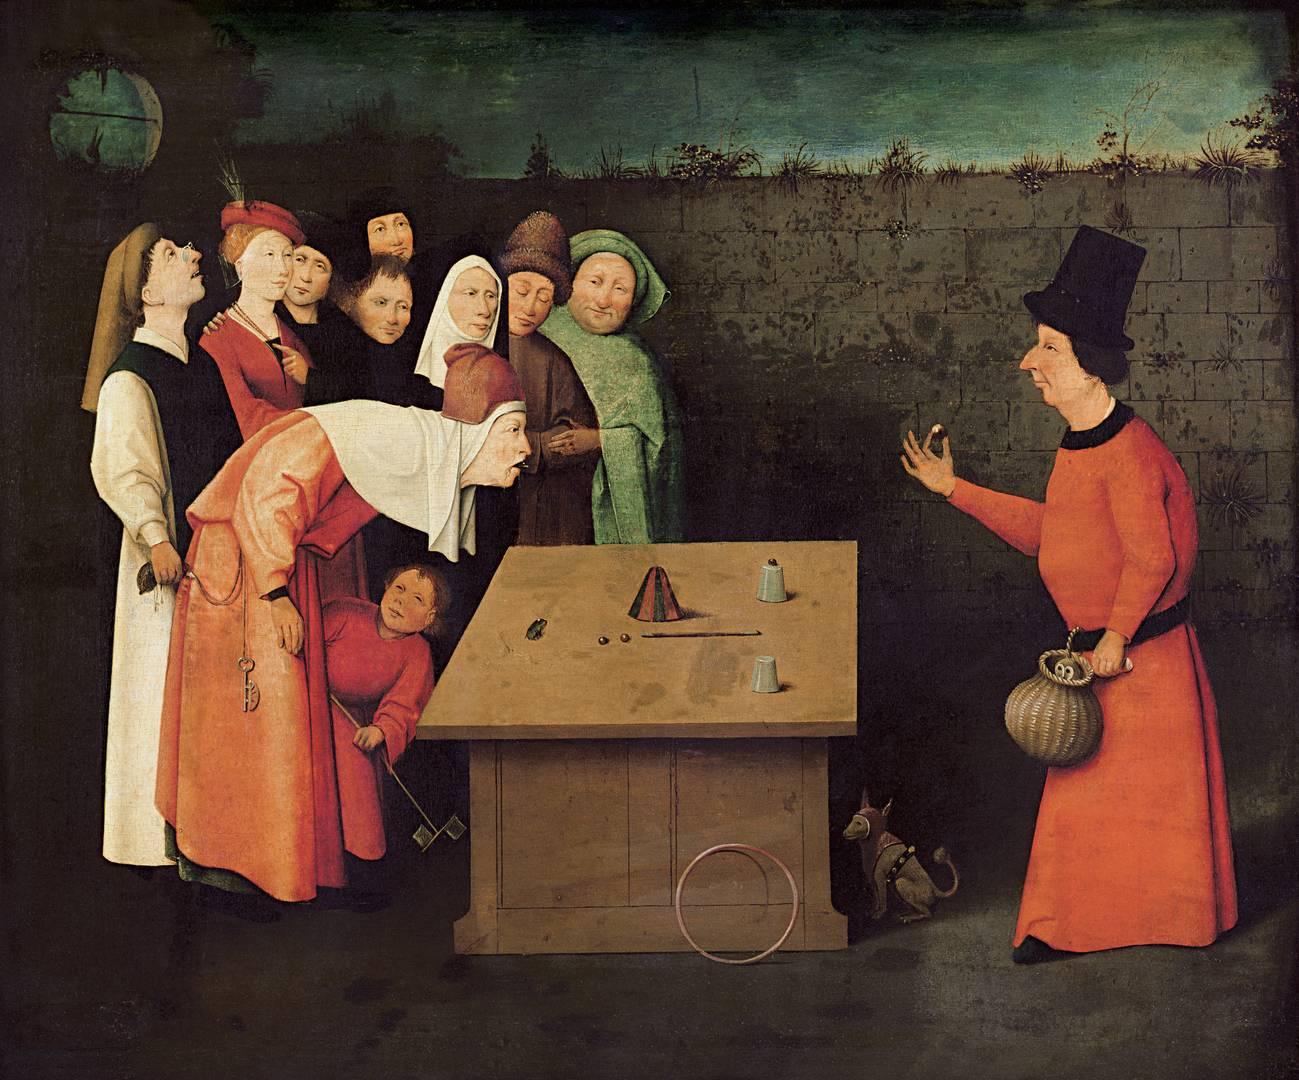 Иероним Босх. Фокусник. XVI век